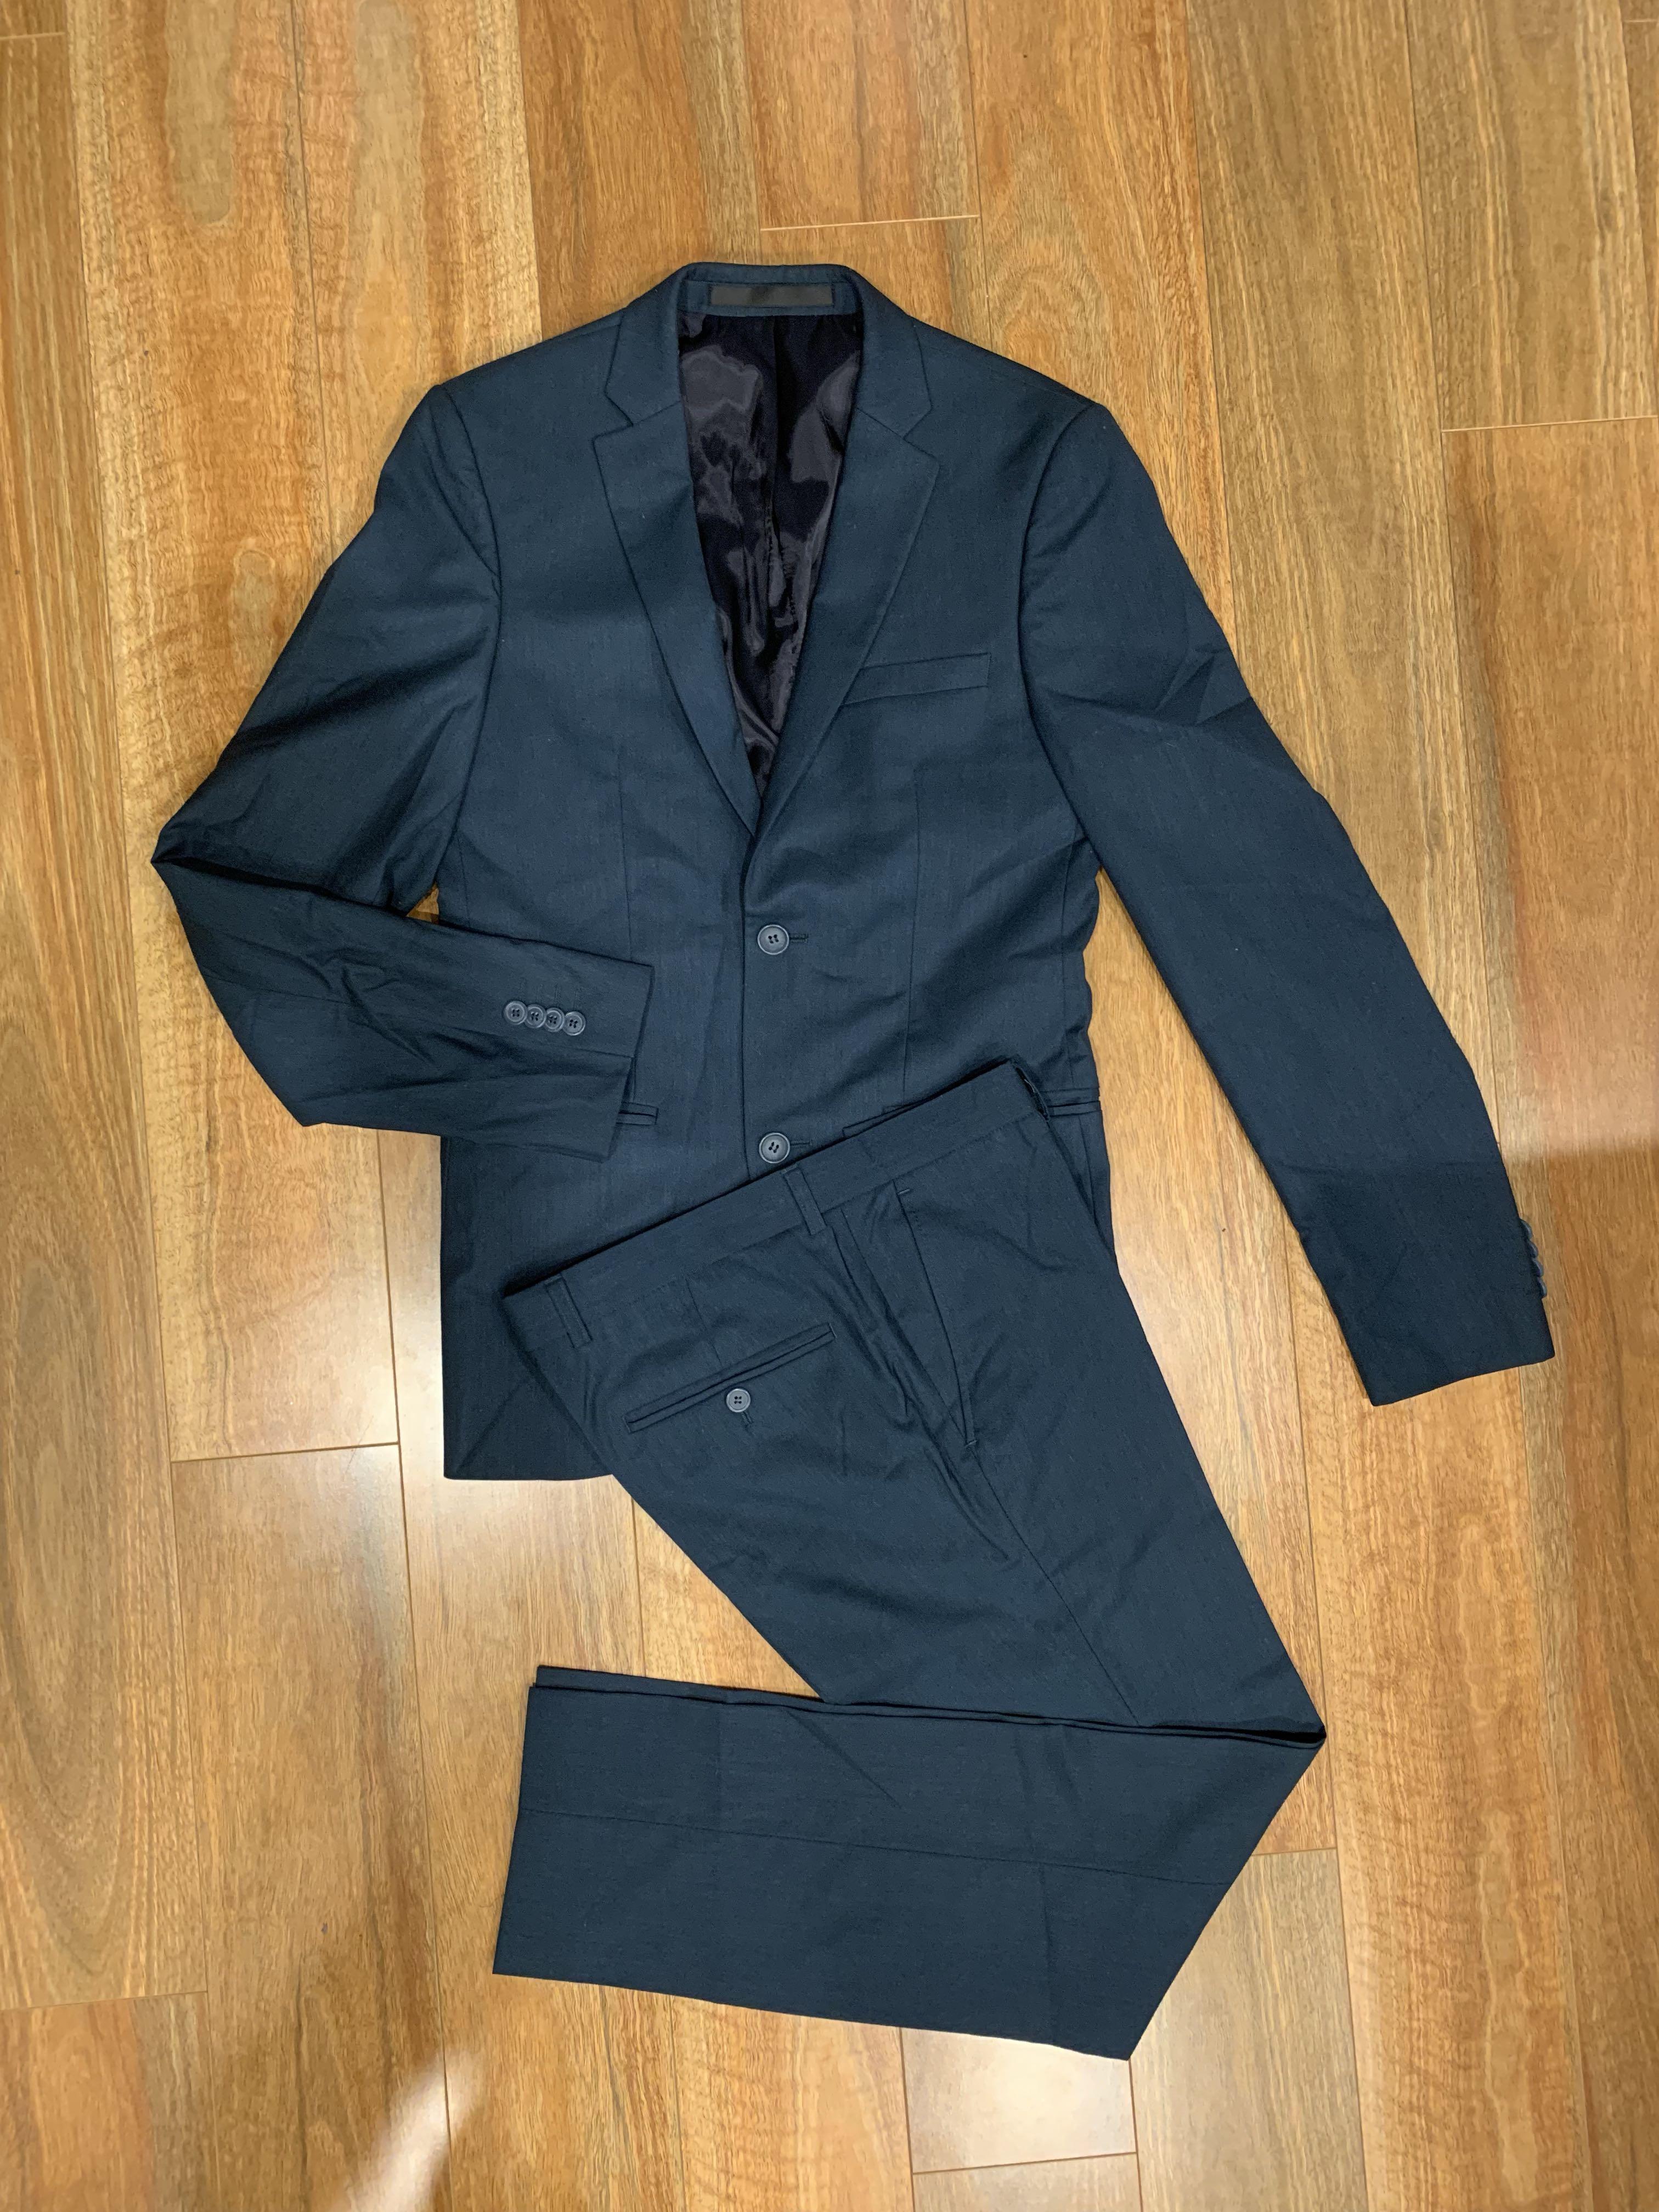 Topman Ultra Skinny Teal Suit